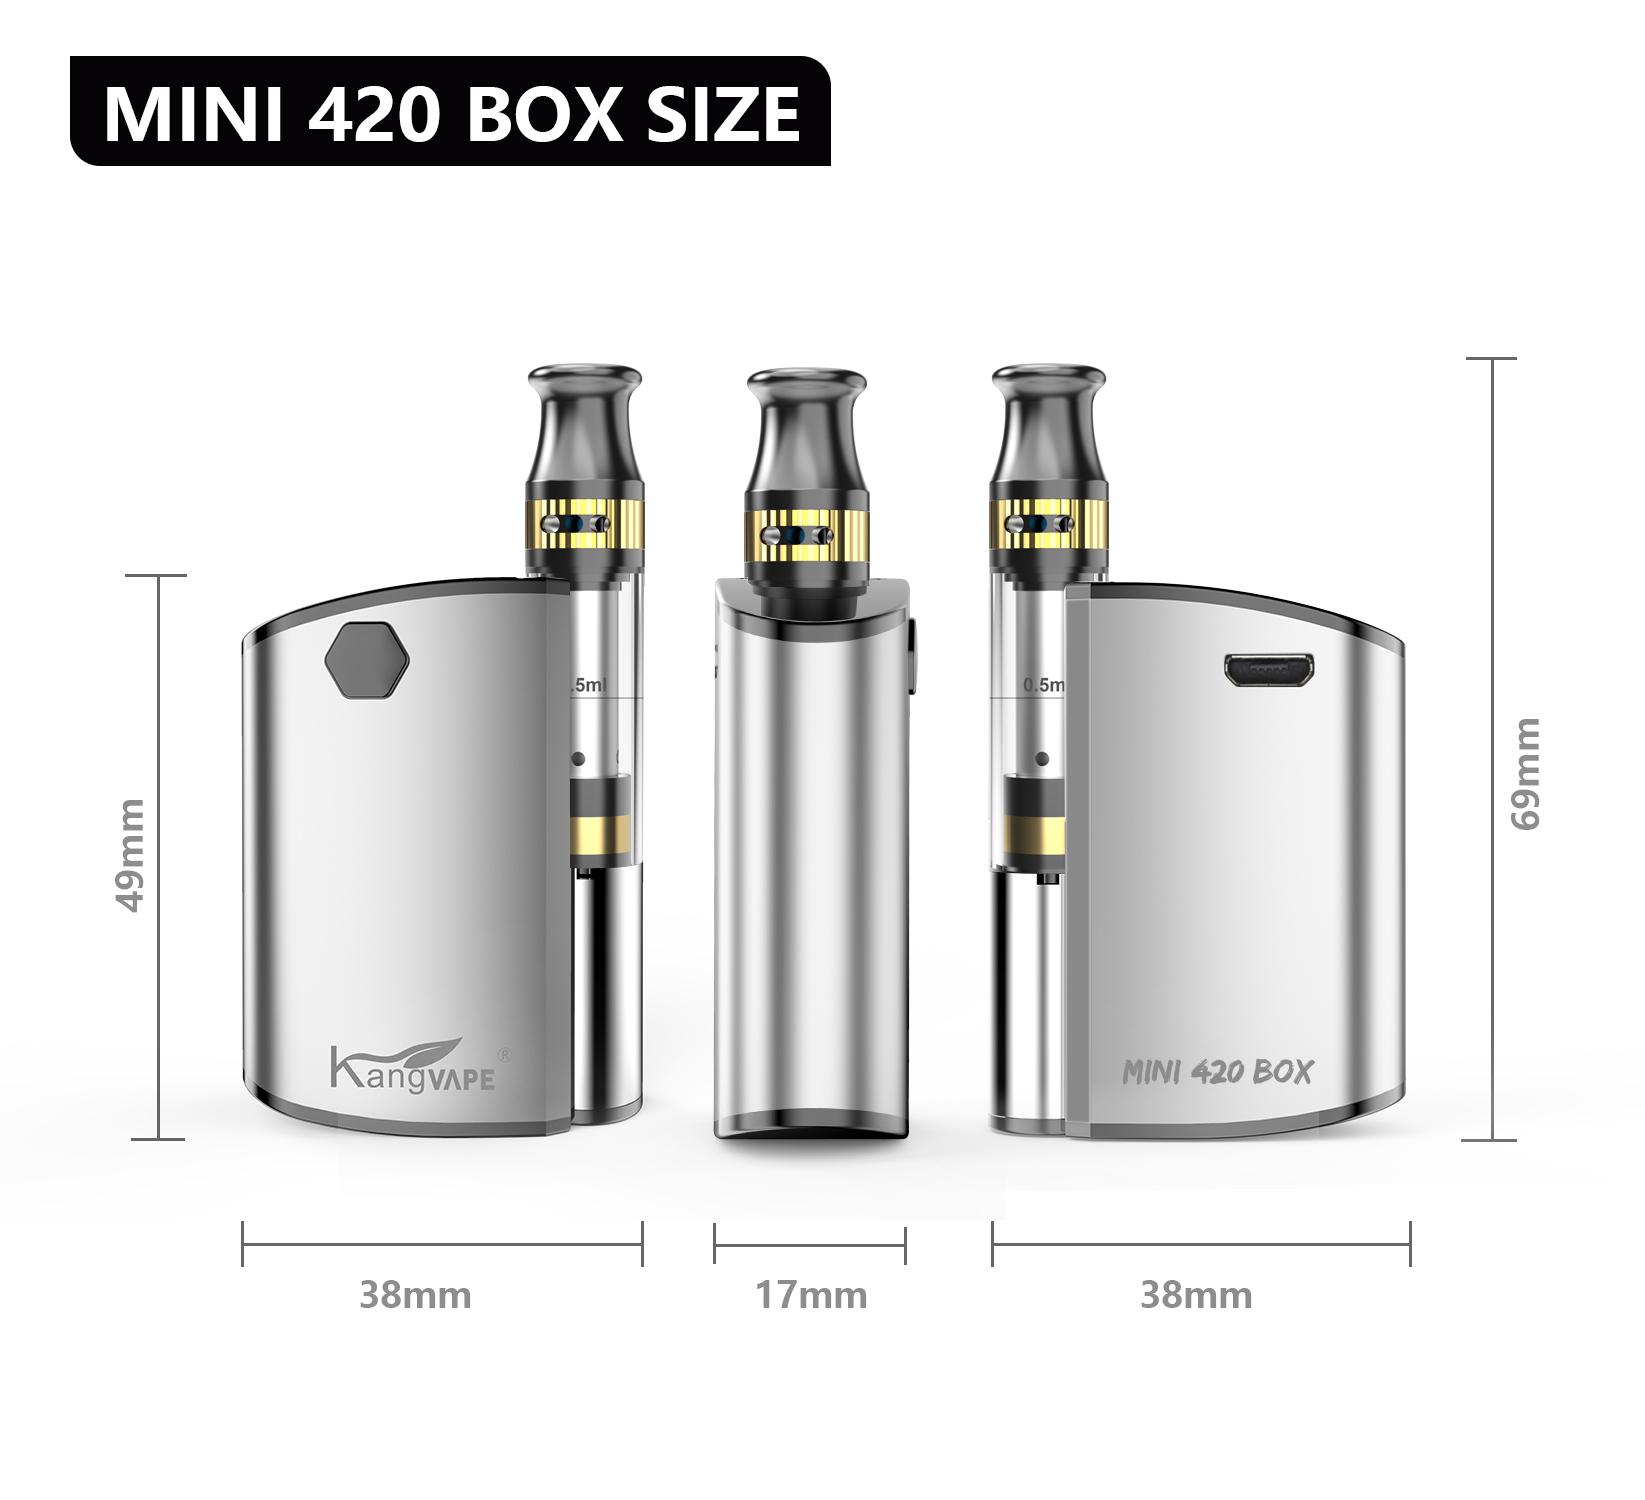 mini 420 box